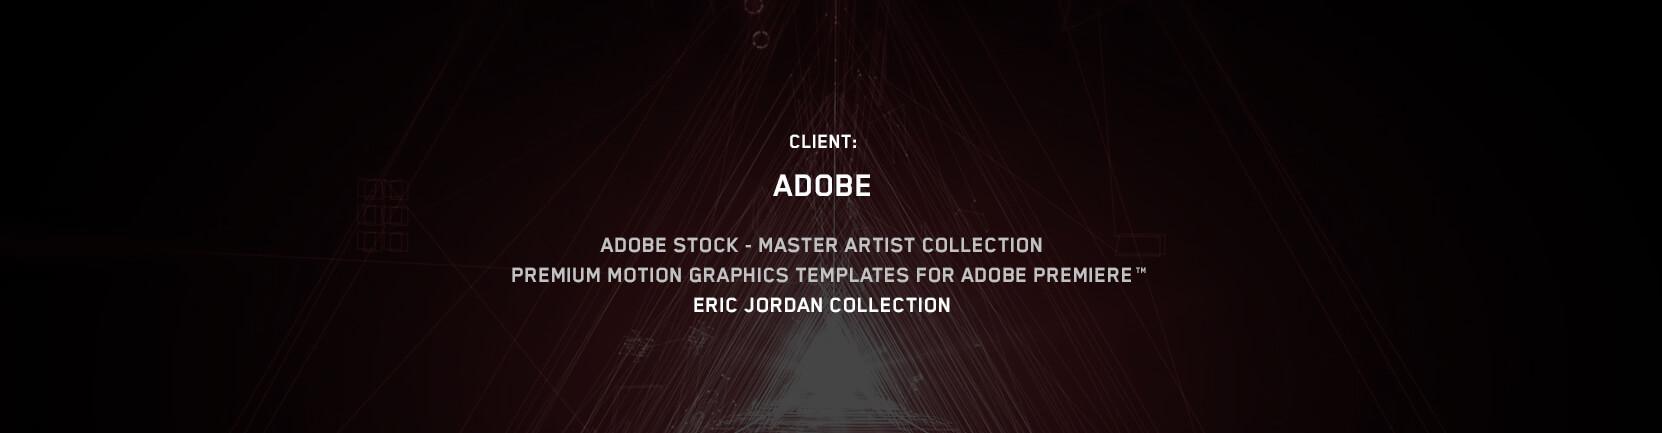 New-AdobeStock_Hover2